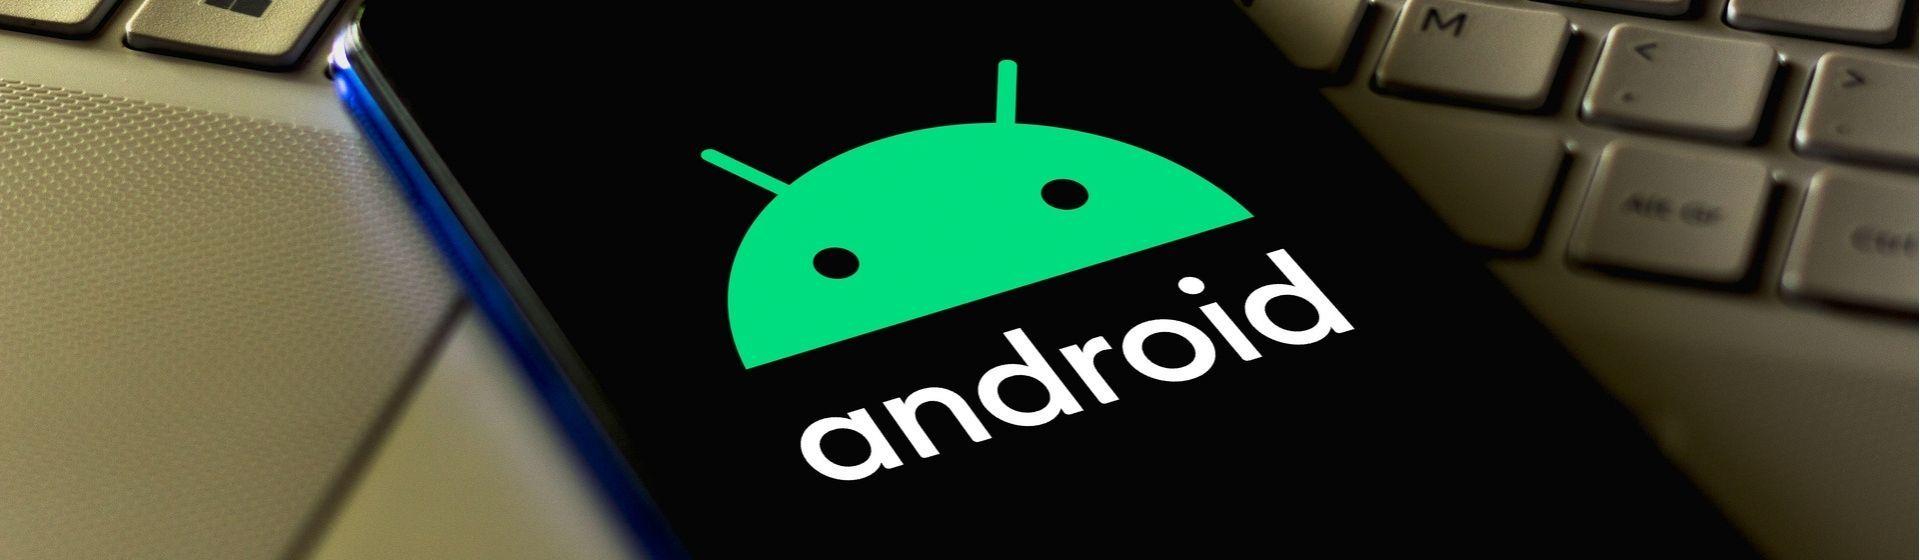 Modo desenvolvedor Android: para que serve e como ativar